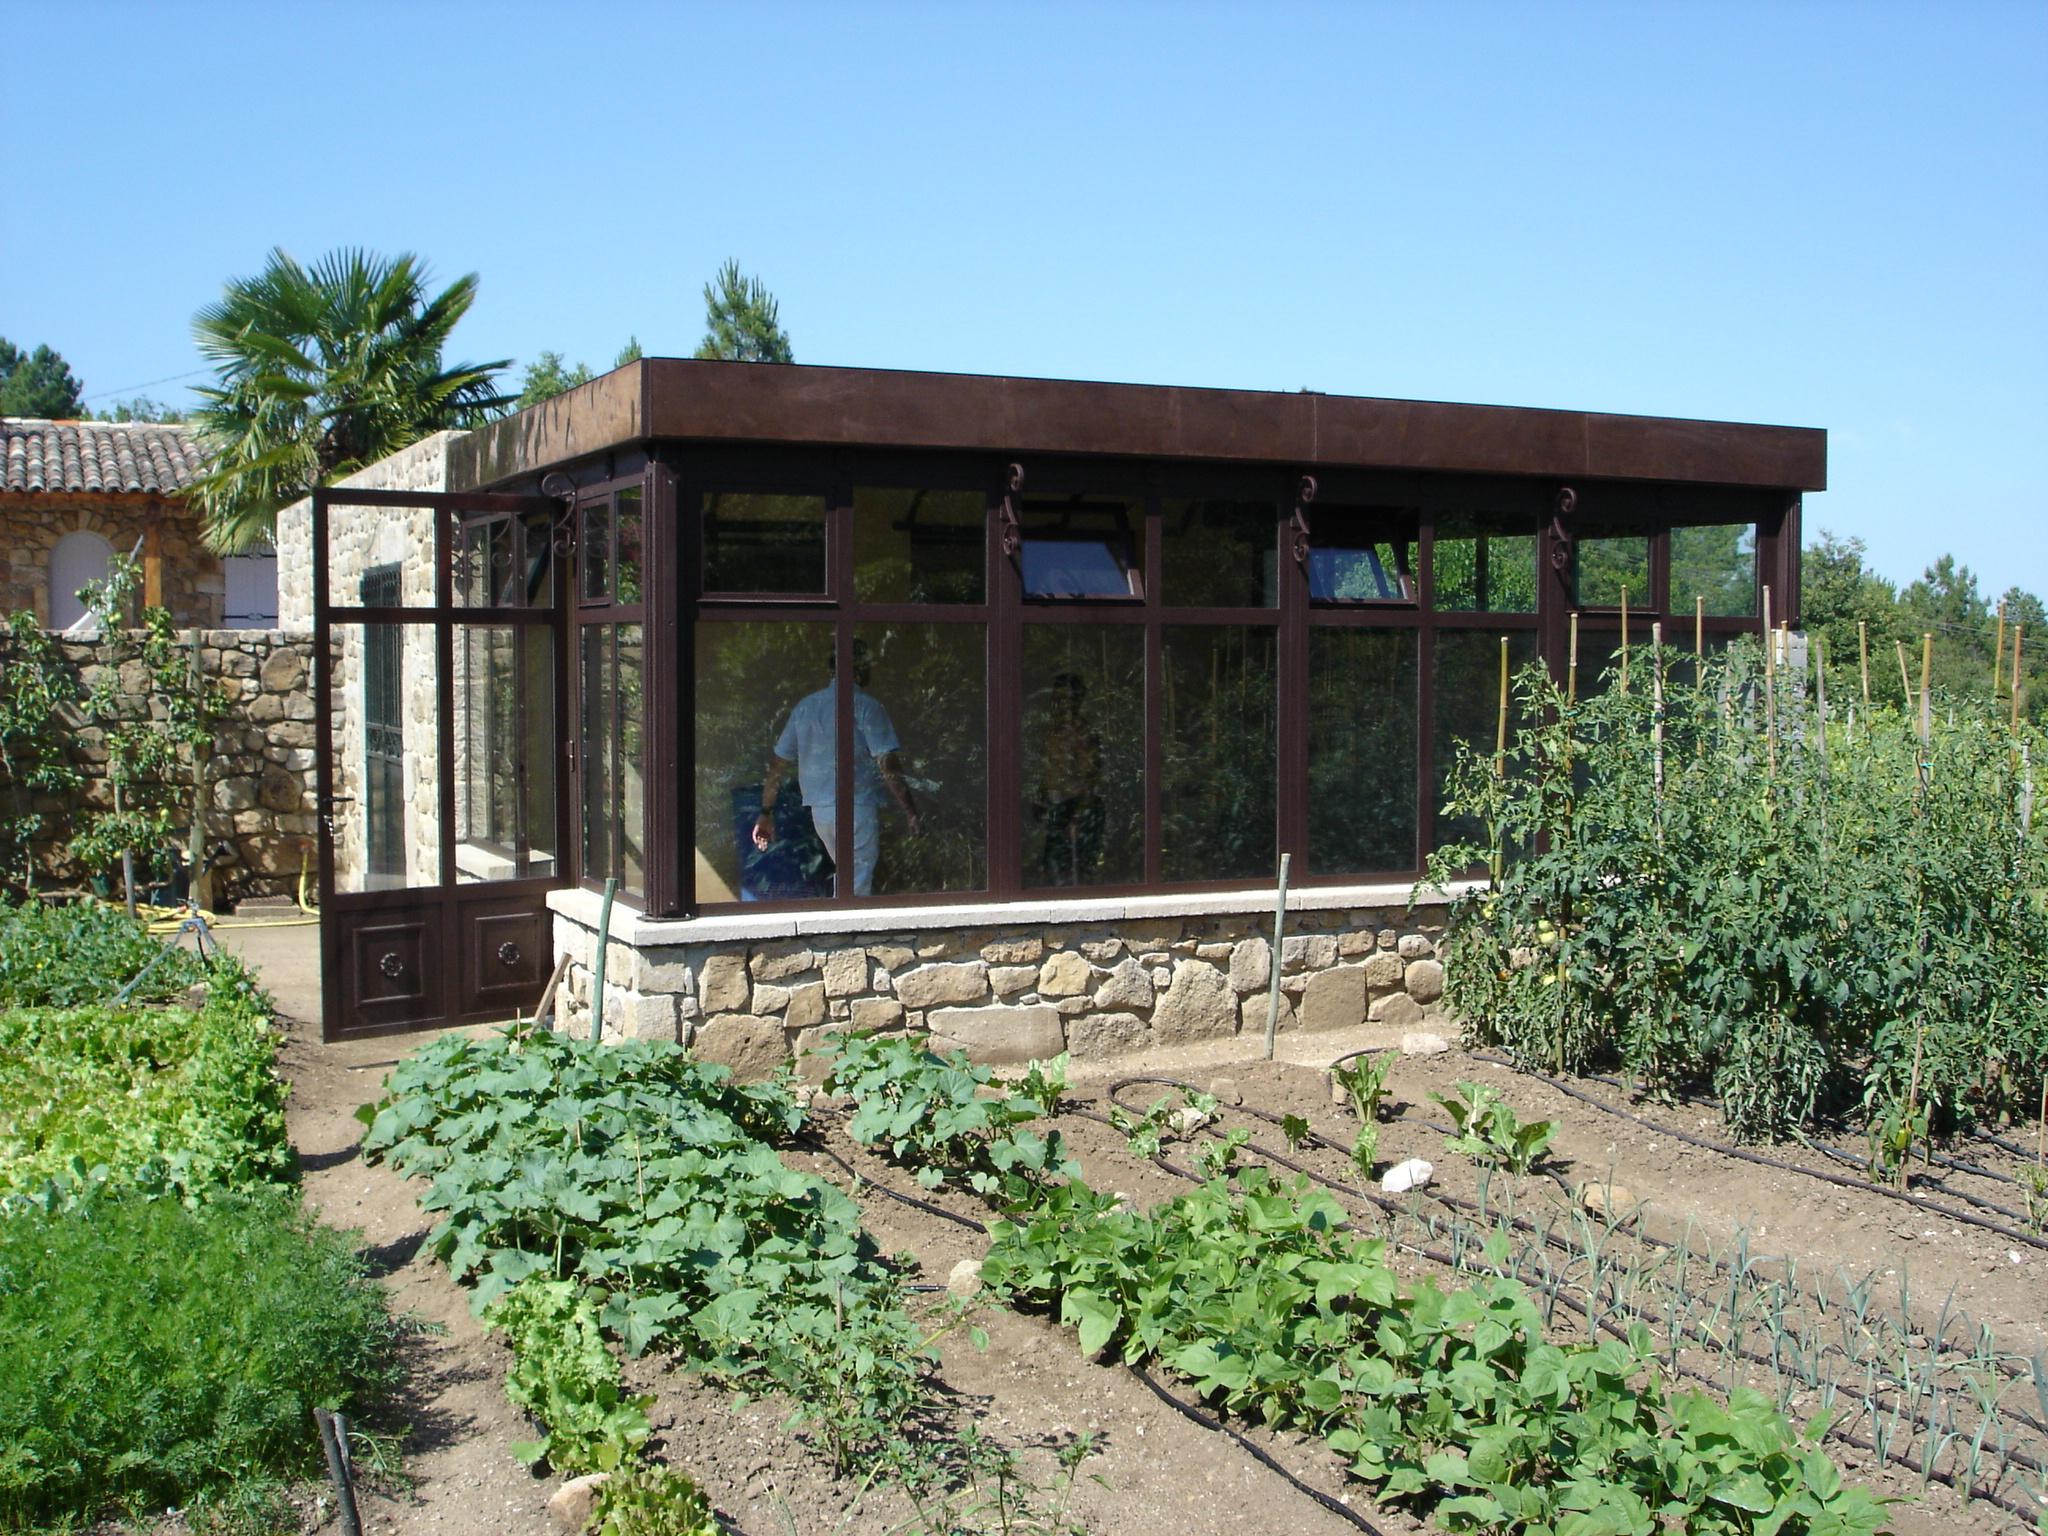 Construction D'un Jardin D'hiver. Architecte Dplg. destiné Construire Jardin D Hiver